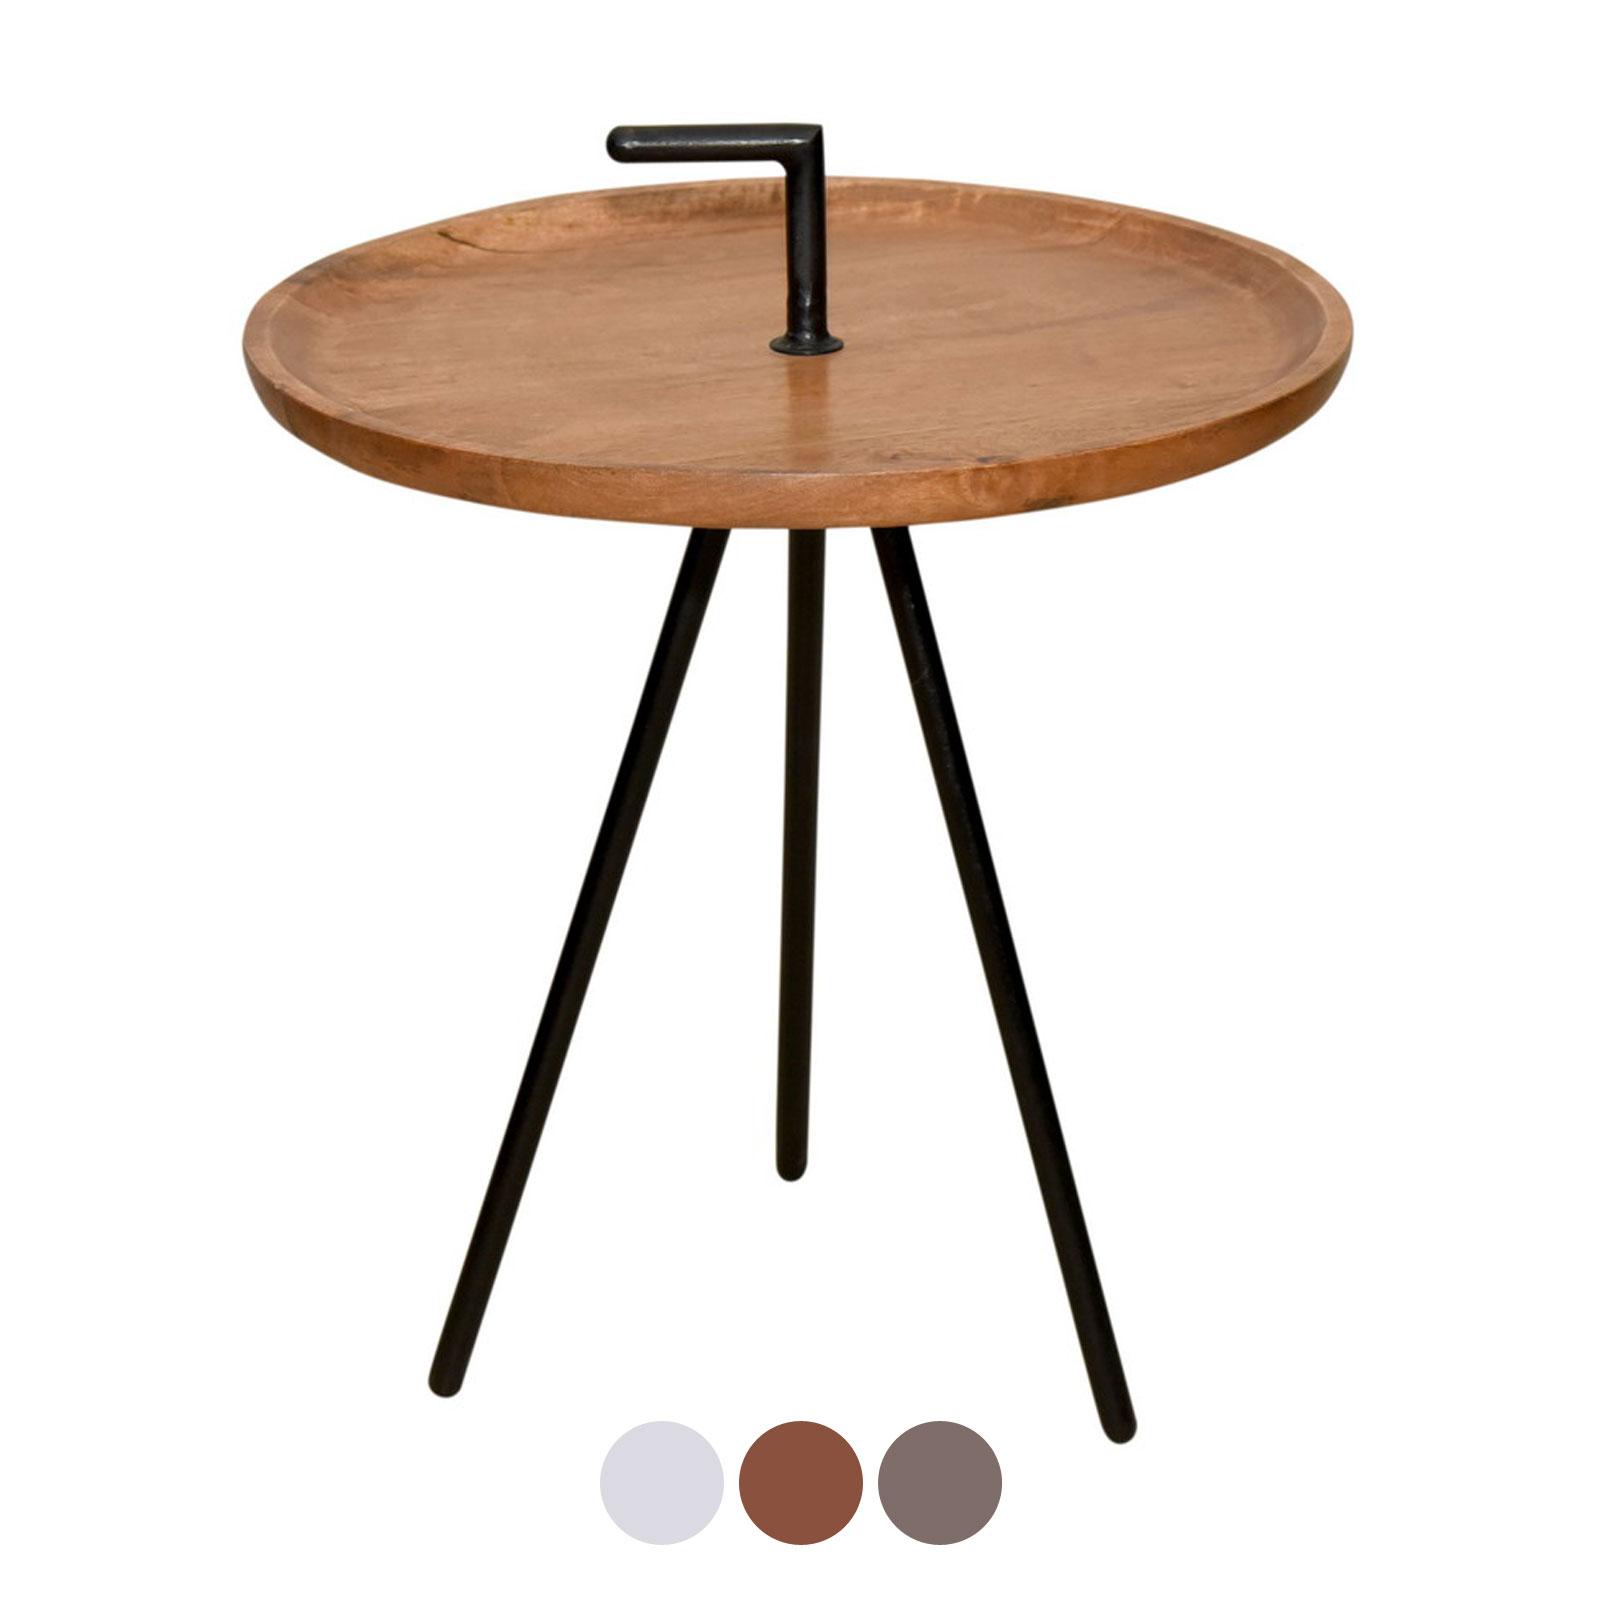 Tisch Rund Metallgestell.Serviertisch Beistell Tisch Rund Reno ø 50 Cm Metall Gestell Altsilber Oder Schwarz